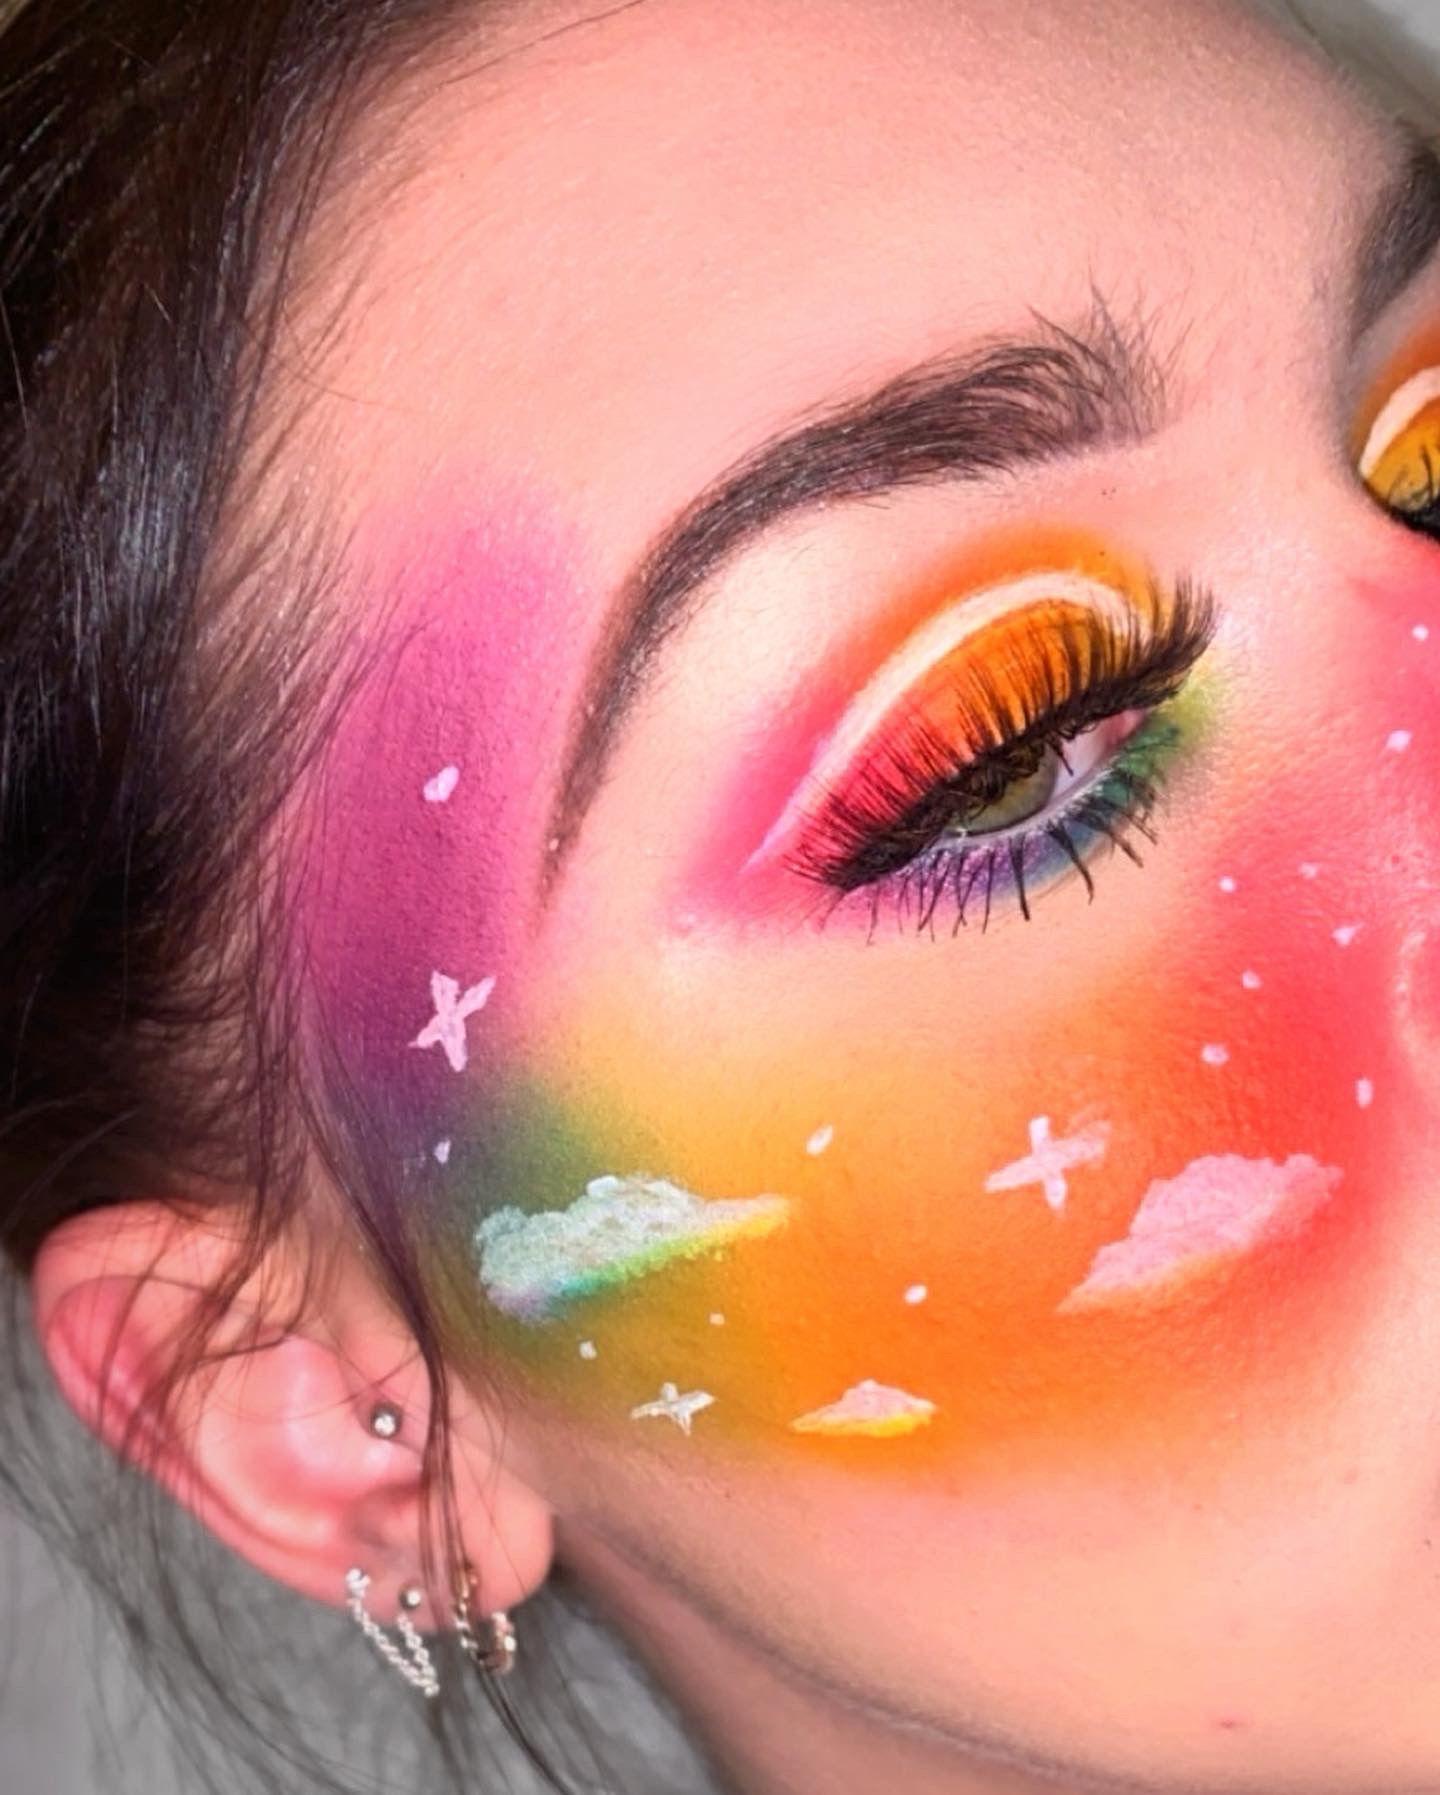 Rainbow Cloud Makeup In 2020 Butterfly Makeup Face Art Makeup Face Paint Makeup